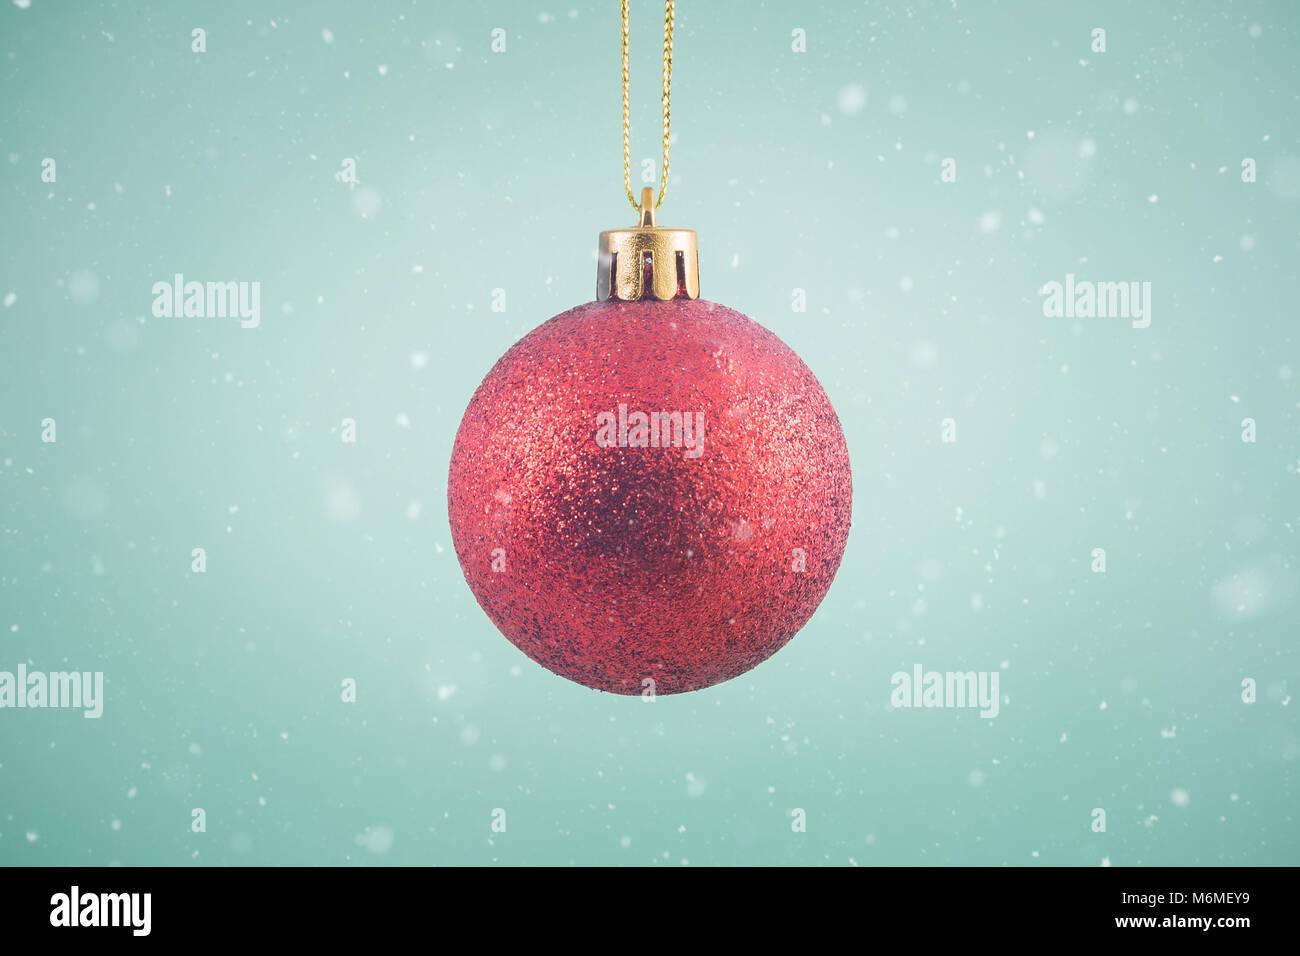 Christmas ornament ball reflection stock photos & christmas